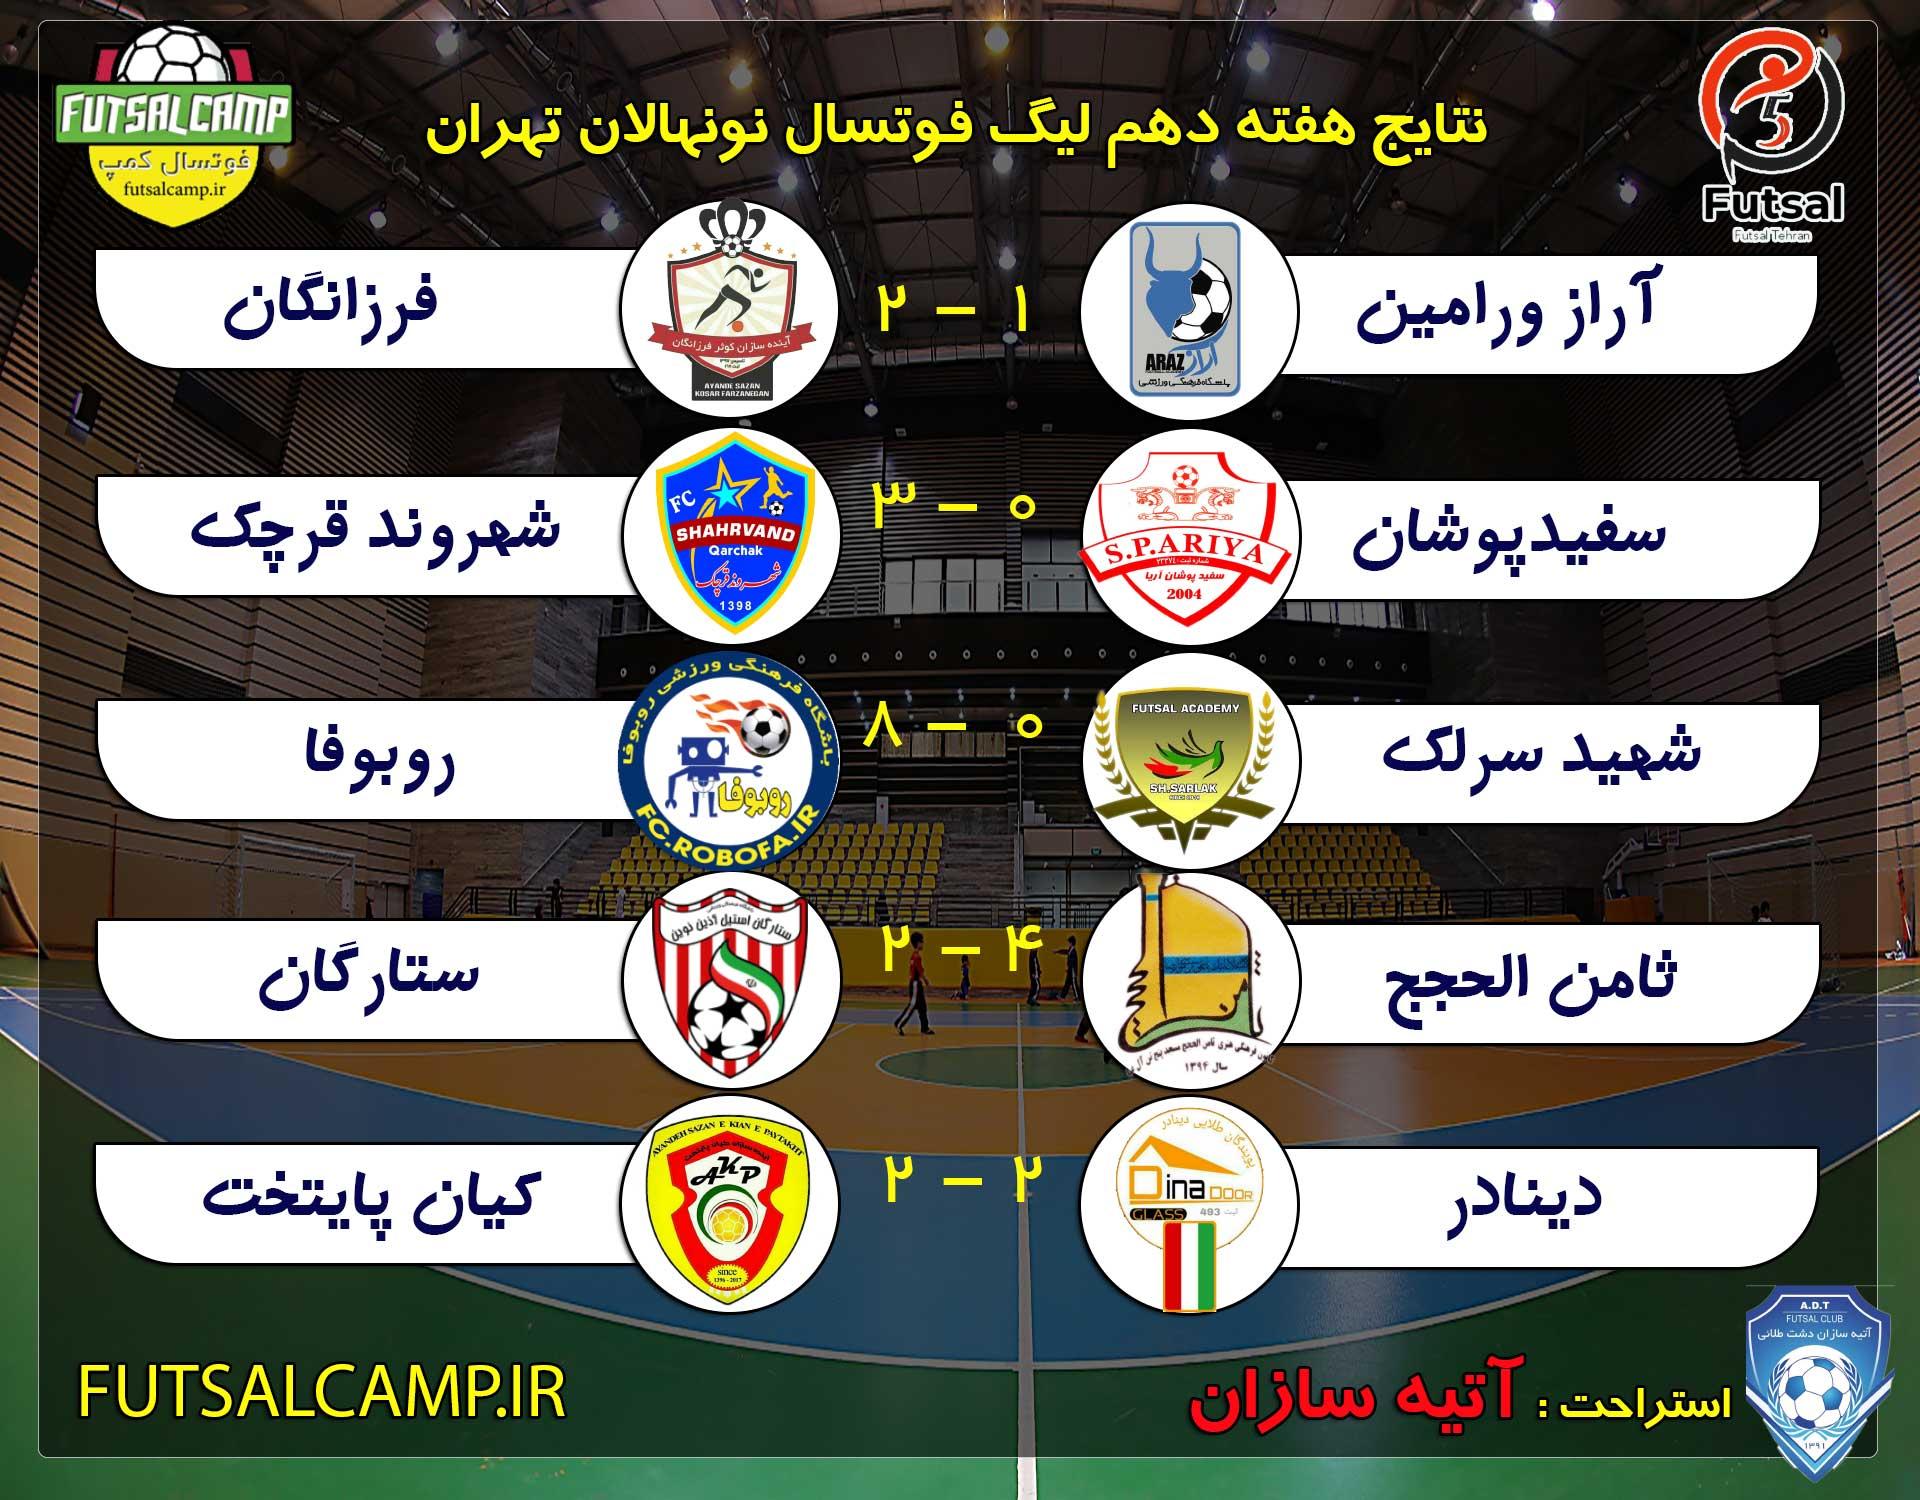 جدول لیگ فوتسال نونهالان تهران پایان هفته دهم